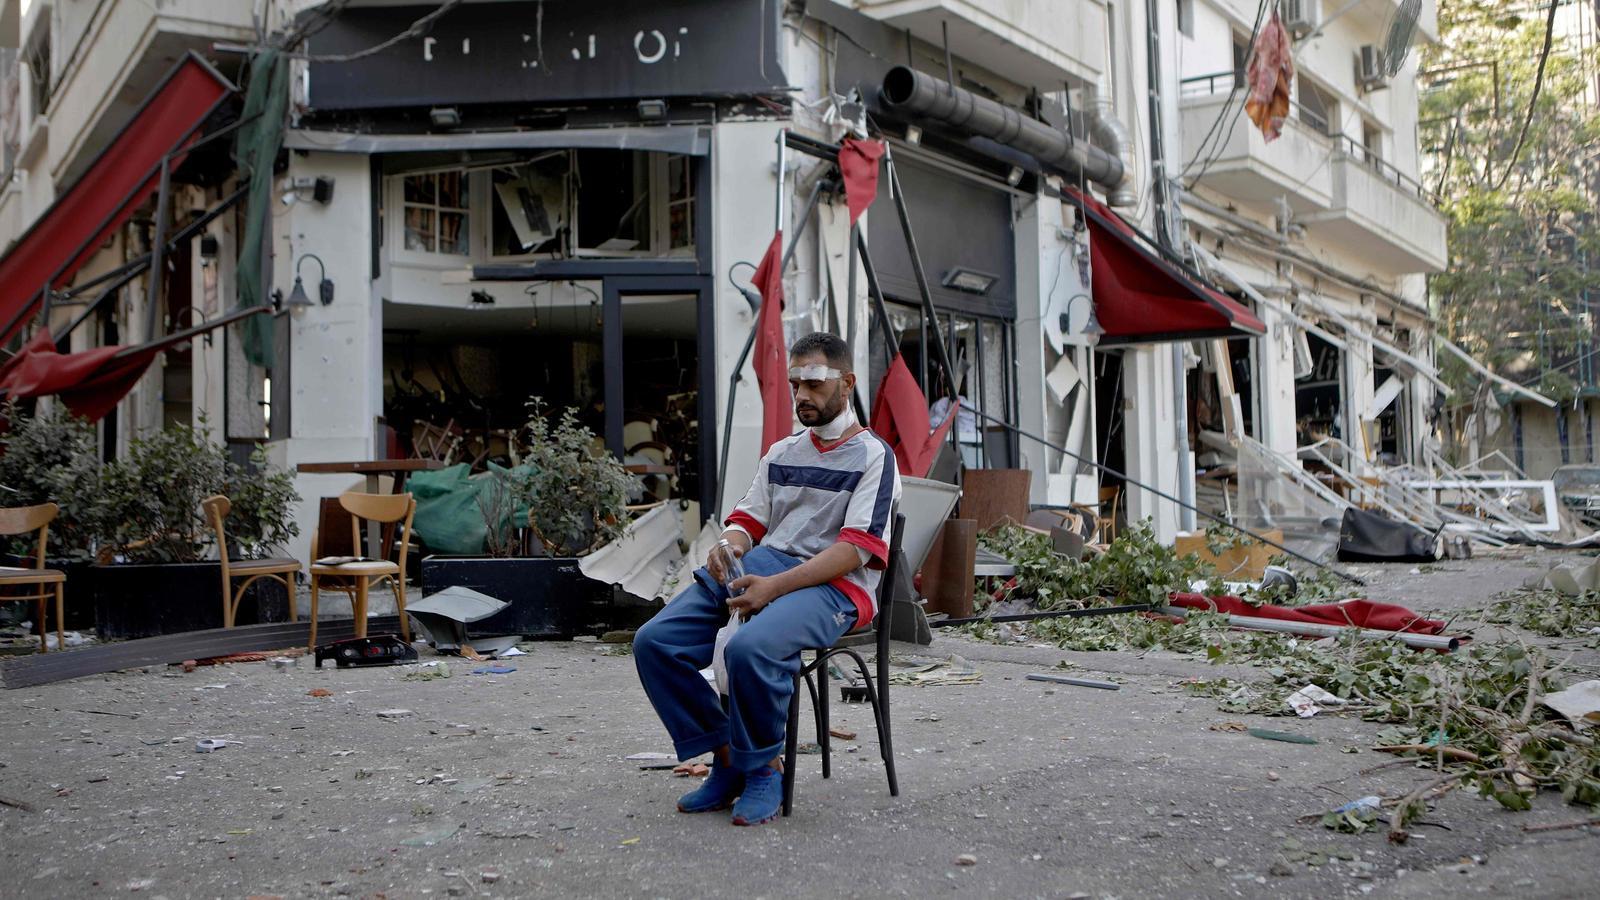 Un home ferit s'assenta al costat d'un restaurant del barri de moda de Beirut, Mar Mikhael